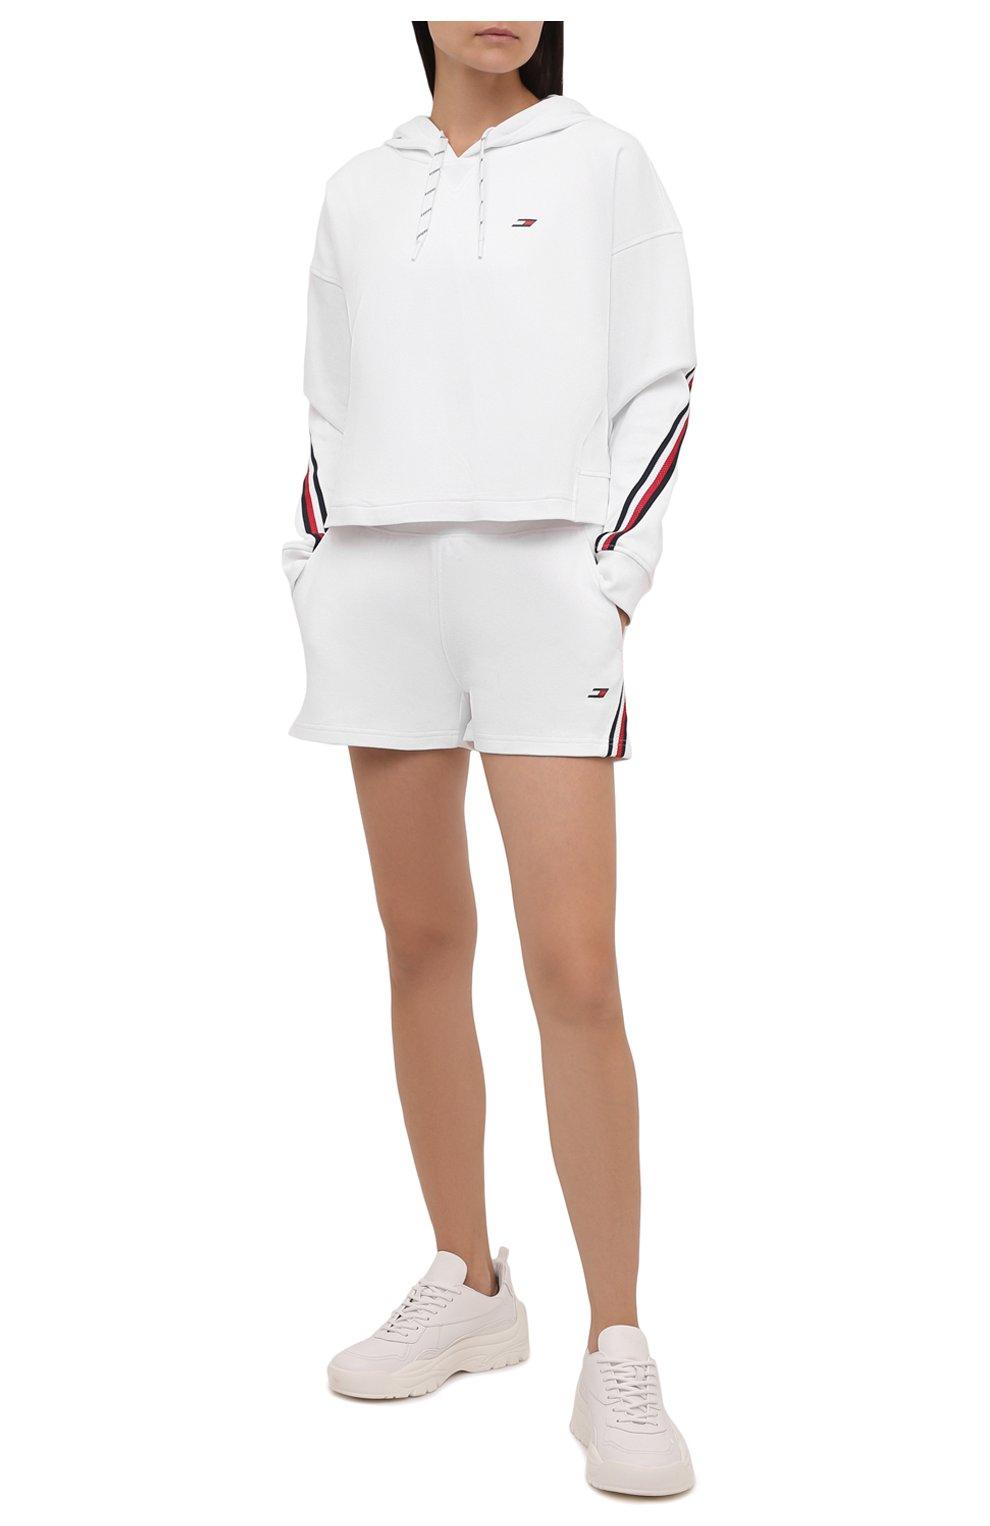 Женские шорты женские TOMMY HILFIGER белого цвета, арт. S10S101044   Фото 2 (Женское Кросс-КТ: Шорты-одежда; Длина Ж (юбки, платья, шорты): Мини; Материал внешний: Хлопок; Стили: Спорт-шик)